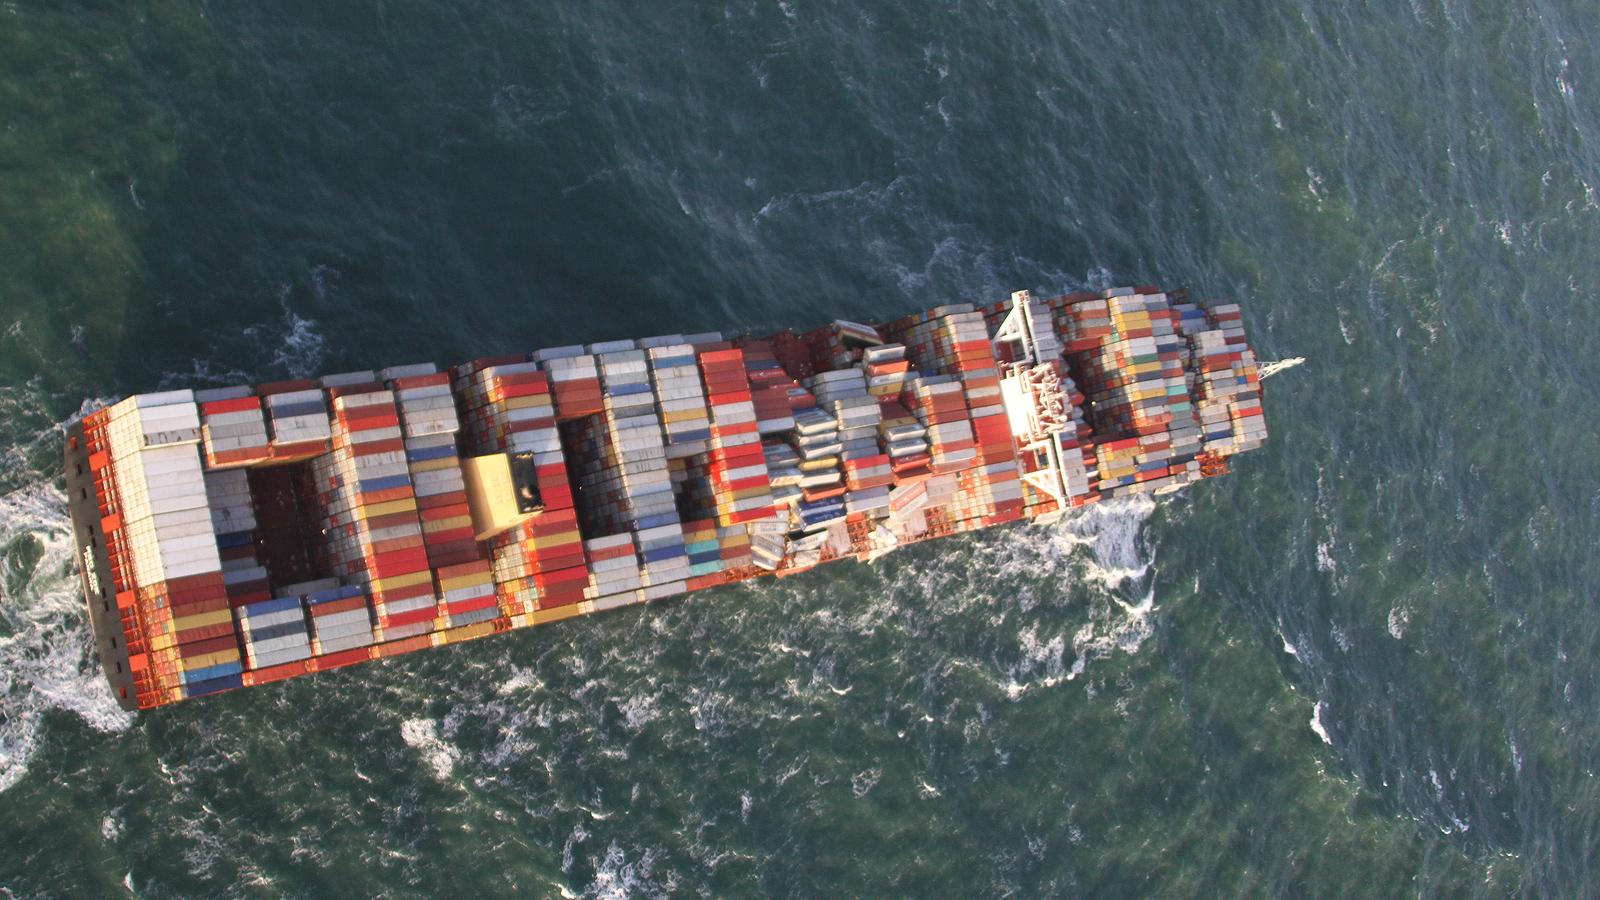 Стотици хора се стекоха към бреговете на два холандски острова, след като силната буря която вилня в Северно море, отнесе 270 контейнера от товарен кораб